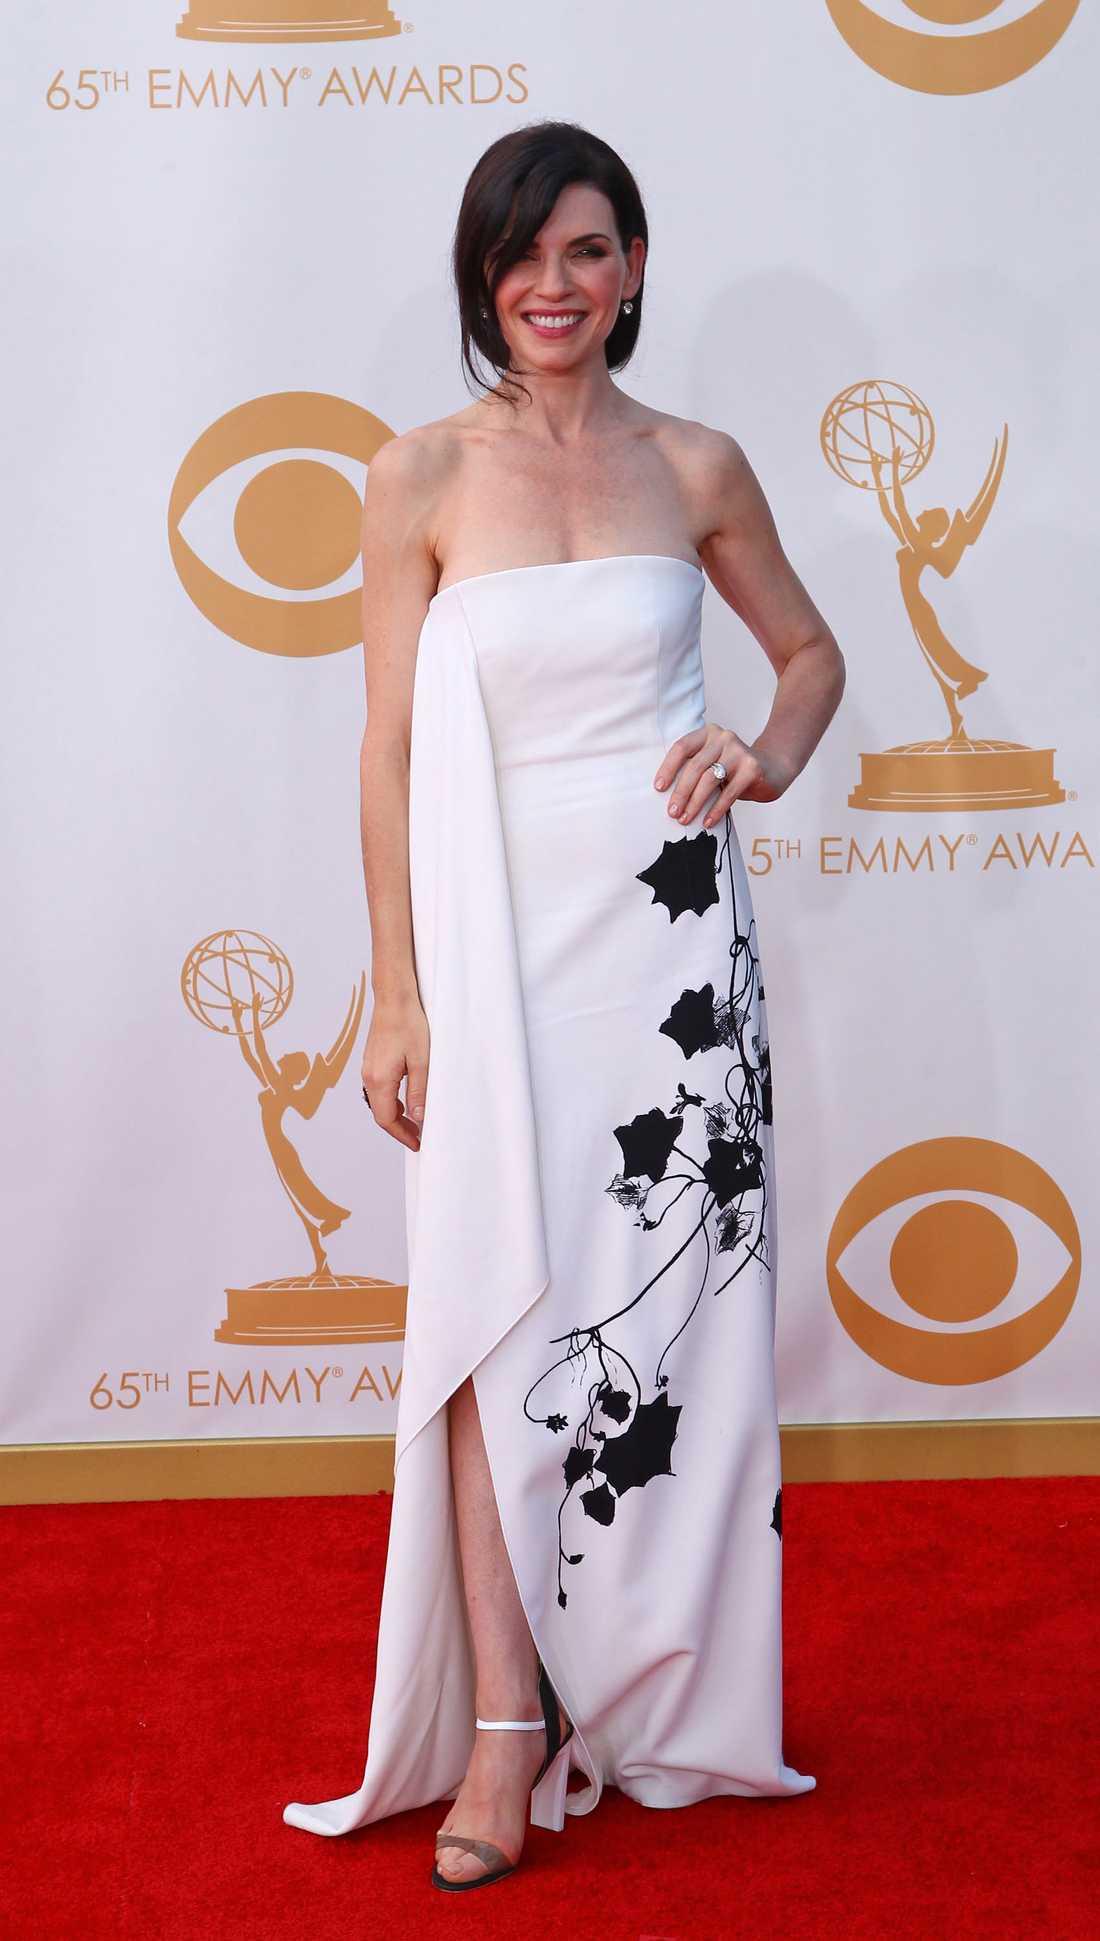 Julianna Margulies Reed Krakoff står bakom Julianna Margulies annorlunda klänning.